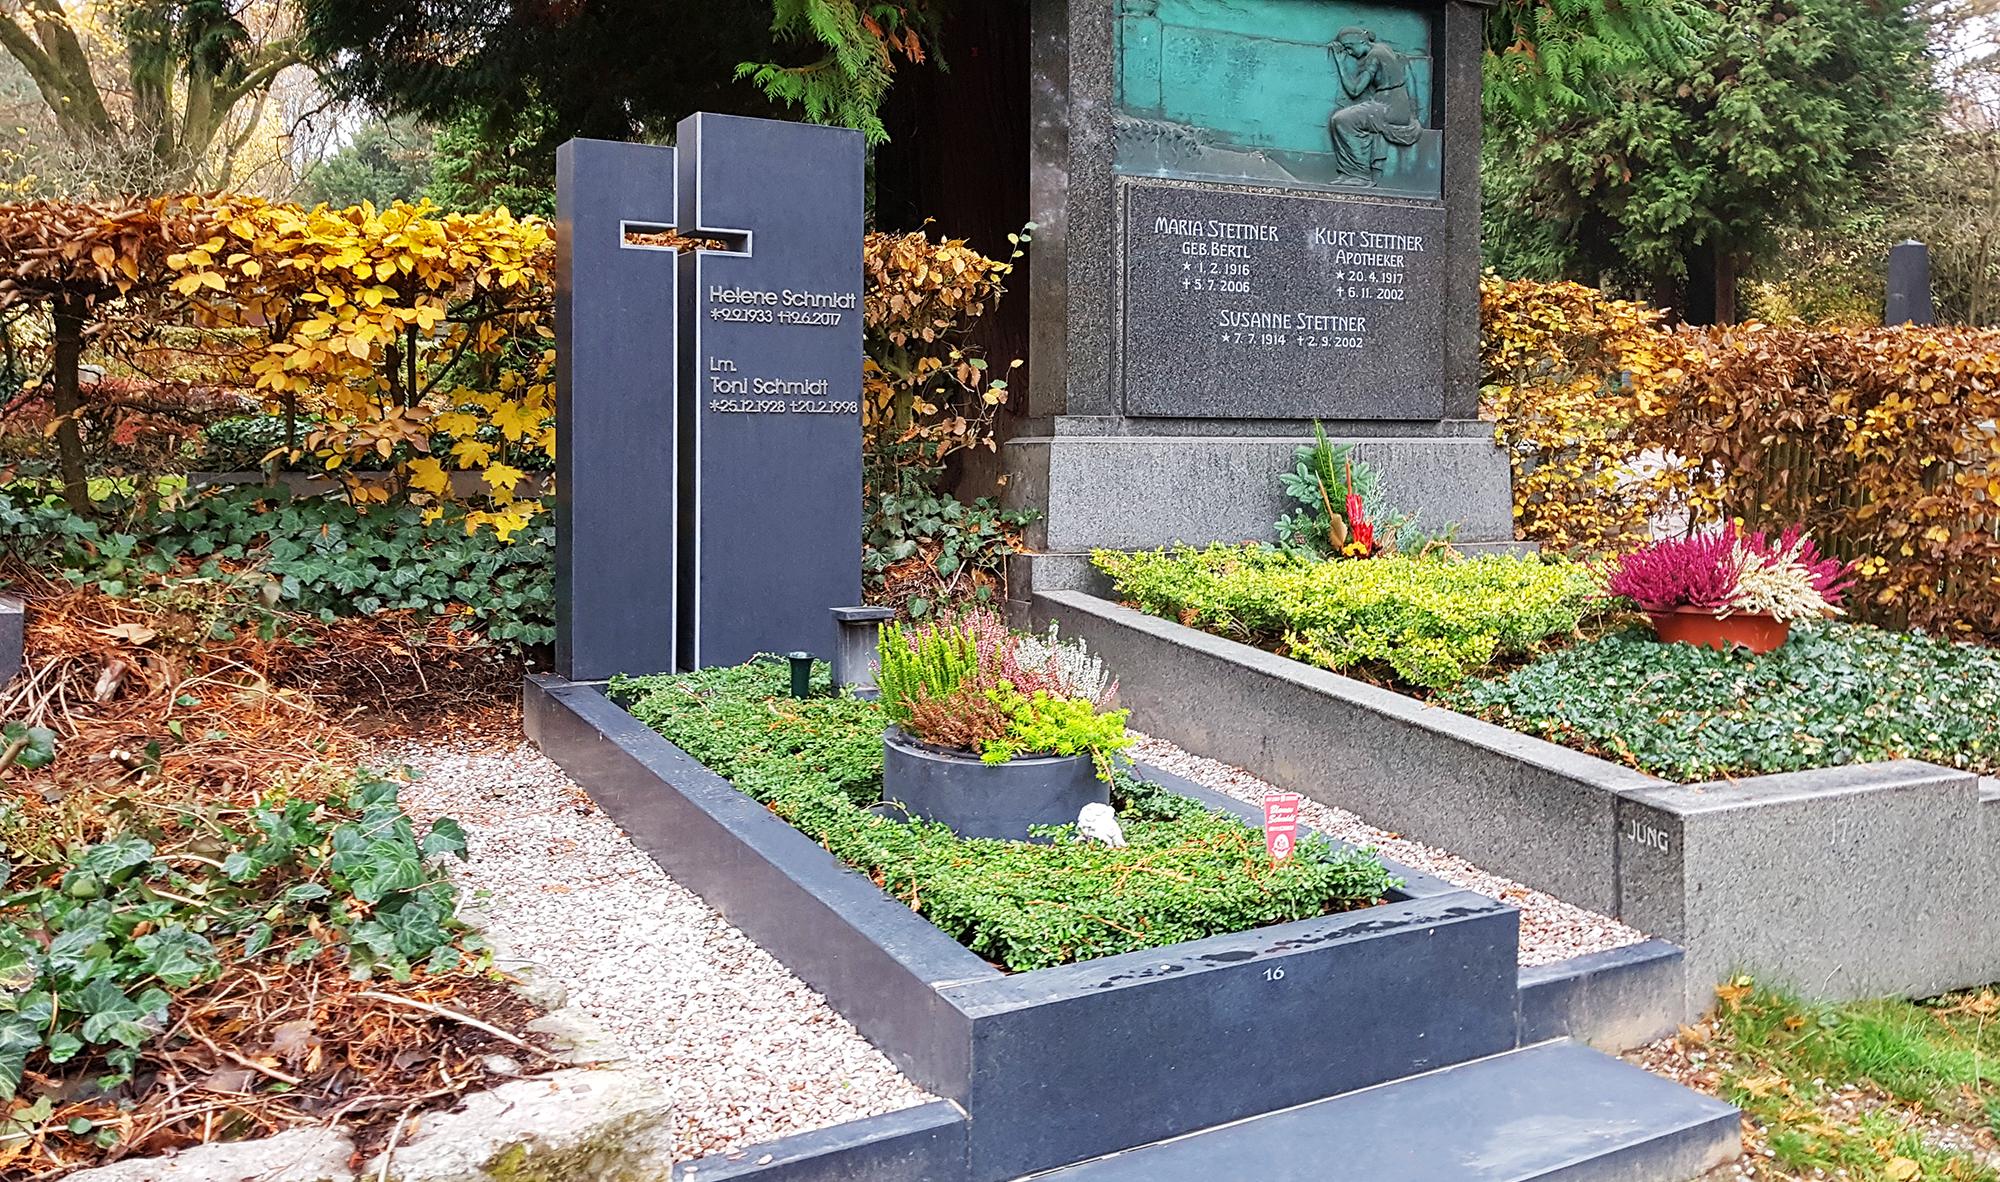 Grabschalen und Grabvasen setzen ein optisches Highlight bei der Grabgestaltung. © Stilvolle-Grabsteine.de